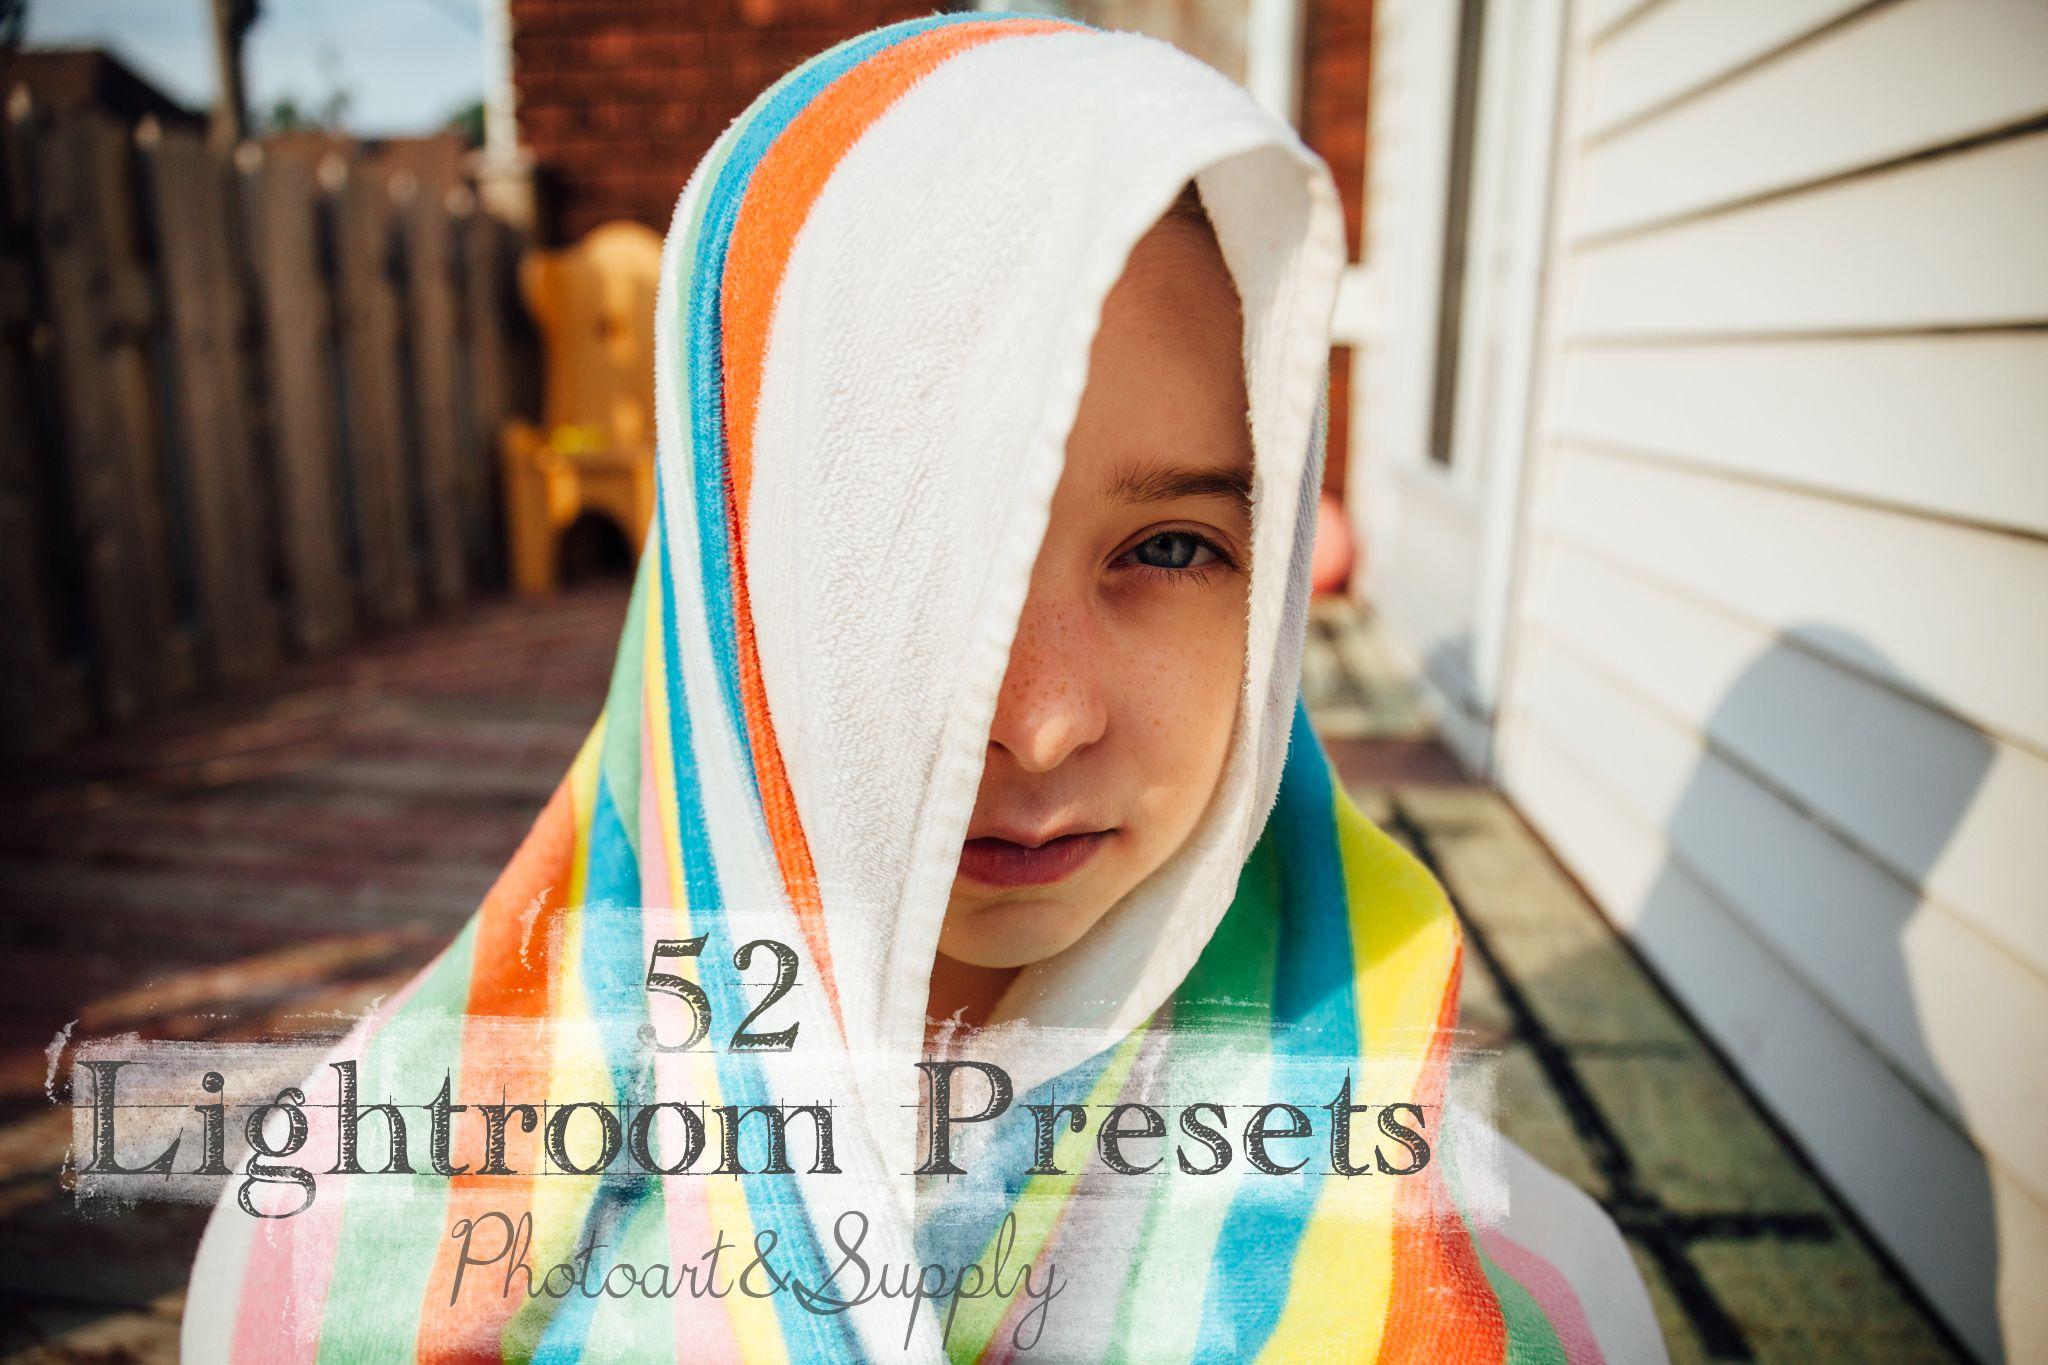 Get 52 Lightroom Presets for just 15! Lightroom presets